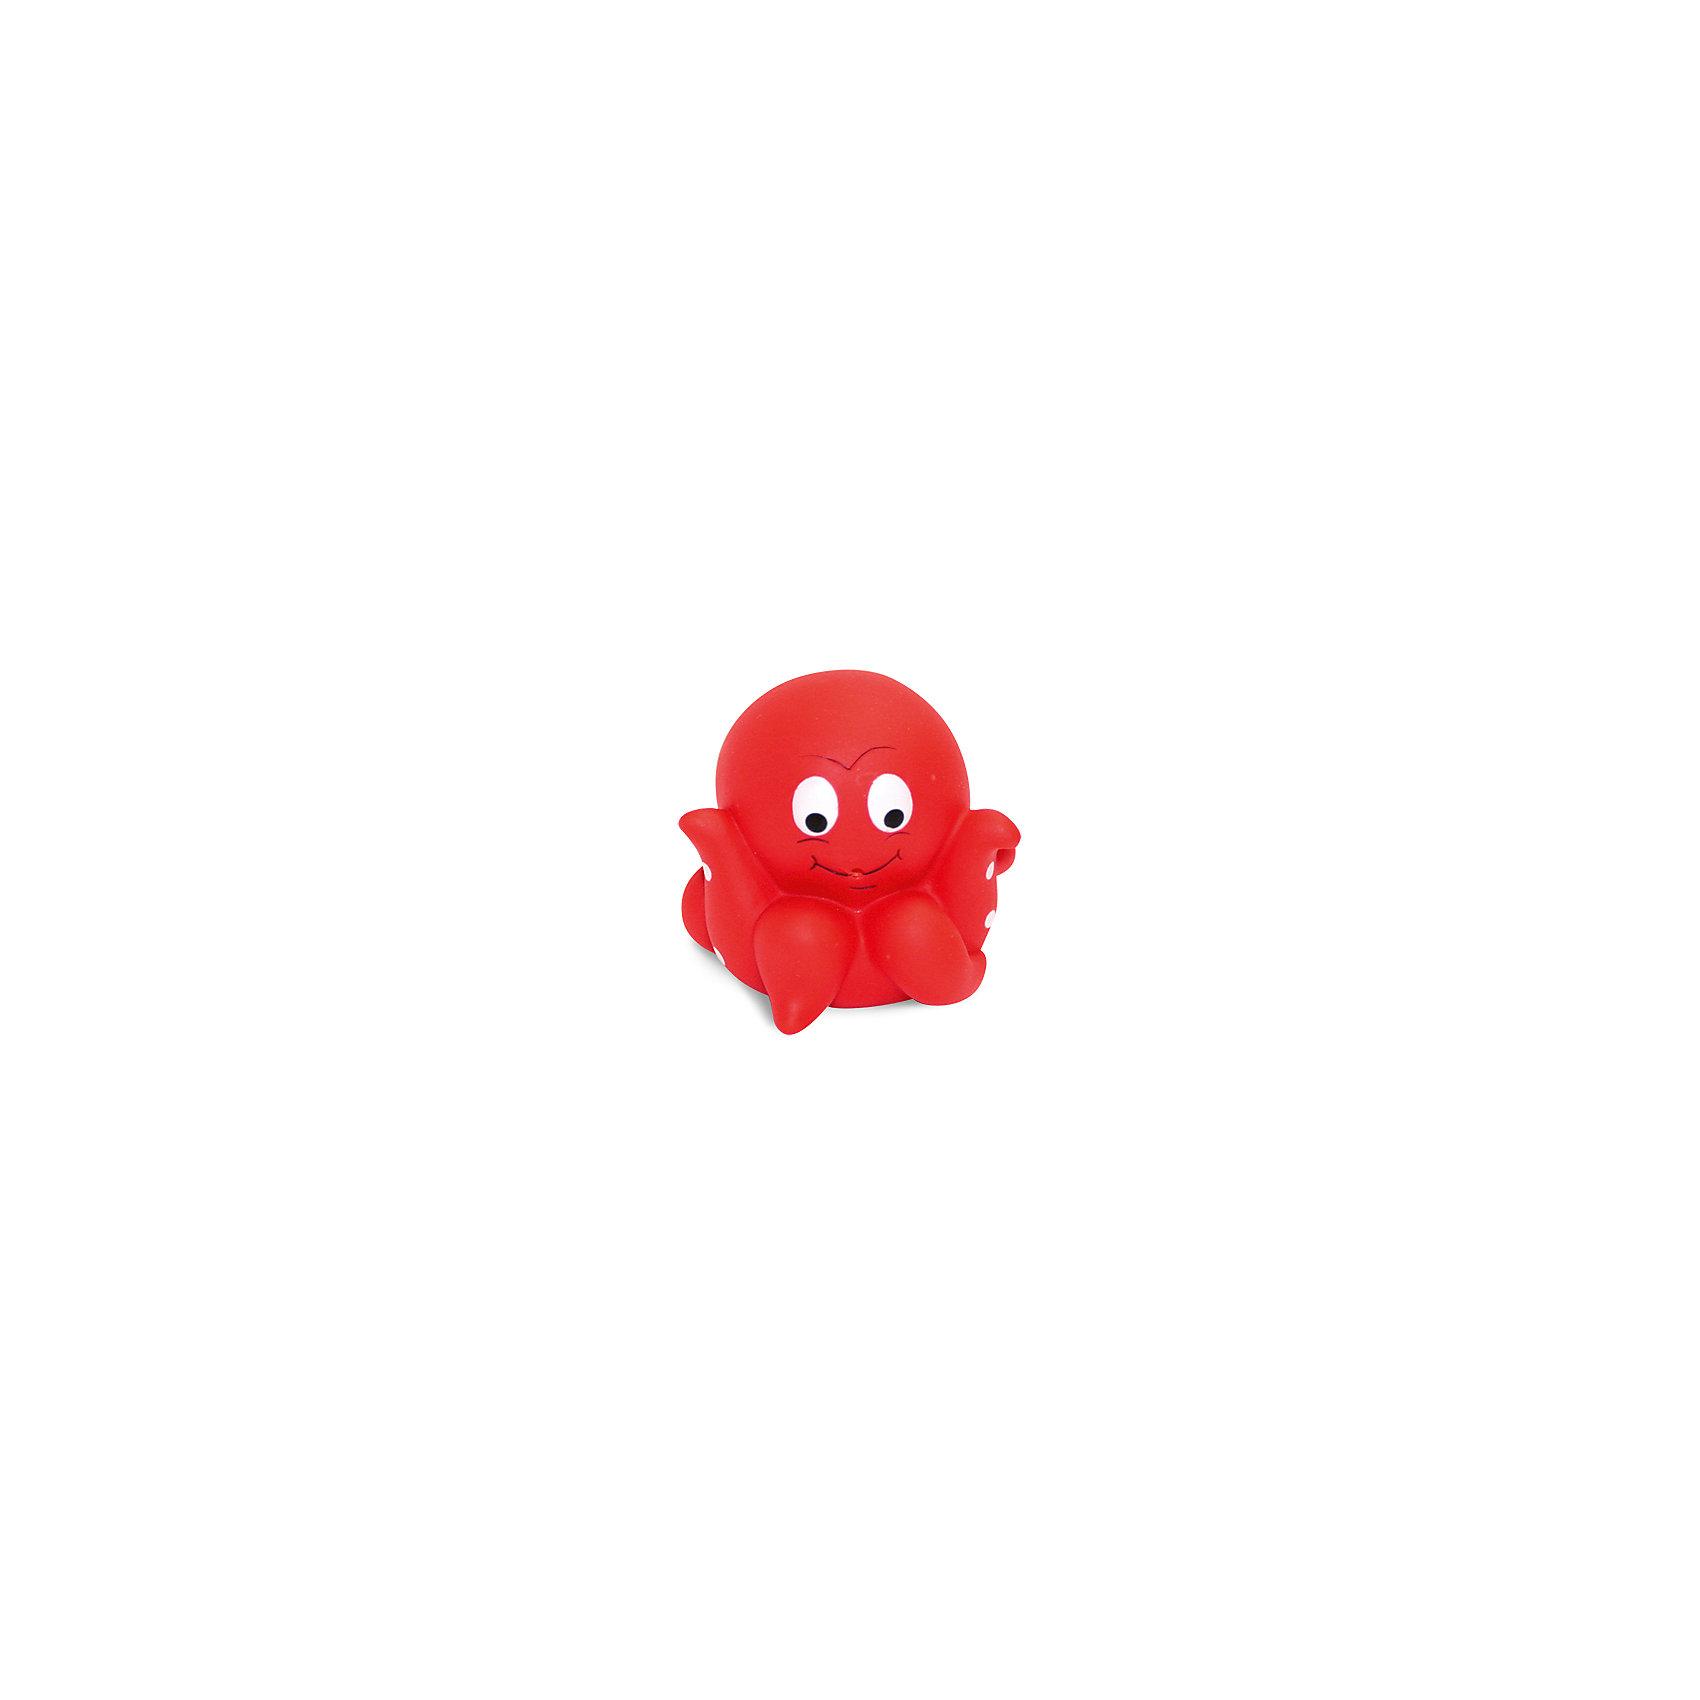 Игрушка для купания Светящийся осьминожек, LUBBYИгрушки для ванны<br>Игрушка для купания Светящийся Осьминожек понравится малышу тем, что светится при контакте с водой. Маленькие дети очень любят эффекты мерцания и свечения. Именно игрушка Светящийся Осьминожек торговой  марки LUBBY для таких любознательных малышей. Ее форма  разработана специально для детских ручек. Яркий цветовой  дизайн  позволяет создать увлекательную игру. Все игрушки торговой марки LUBBY имеют специальный QR code. При сканировании кода мобильным телефоном Вы получаете стишок о главном персонаже. Стишки очень весёлые и легко запоминаются Малышами. <br><br>Дополнительная информация: <br><br>- состав: поливинилхлорид (пвх)<br>- срок службы: 10 месяцев<br>- размер единичной упаковки (дхшхв) : 130 * 120 * 45<br><br>Игрушку для купания Светящийся Осьминожек  можно купить в нашем интернет-магазине.<br><br>Ширина мм: 130<br>Глубина мм: 120<br>Высота мм: 45<br>Вес г: 350<br>Возраст от месяцев: 0<br>Возраст до месяцев: 36<br>Пол: Унисекс<br>Возраст: Детский<br>SKU: 4801556